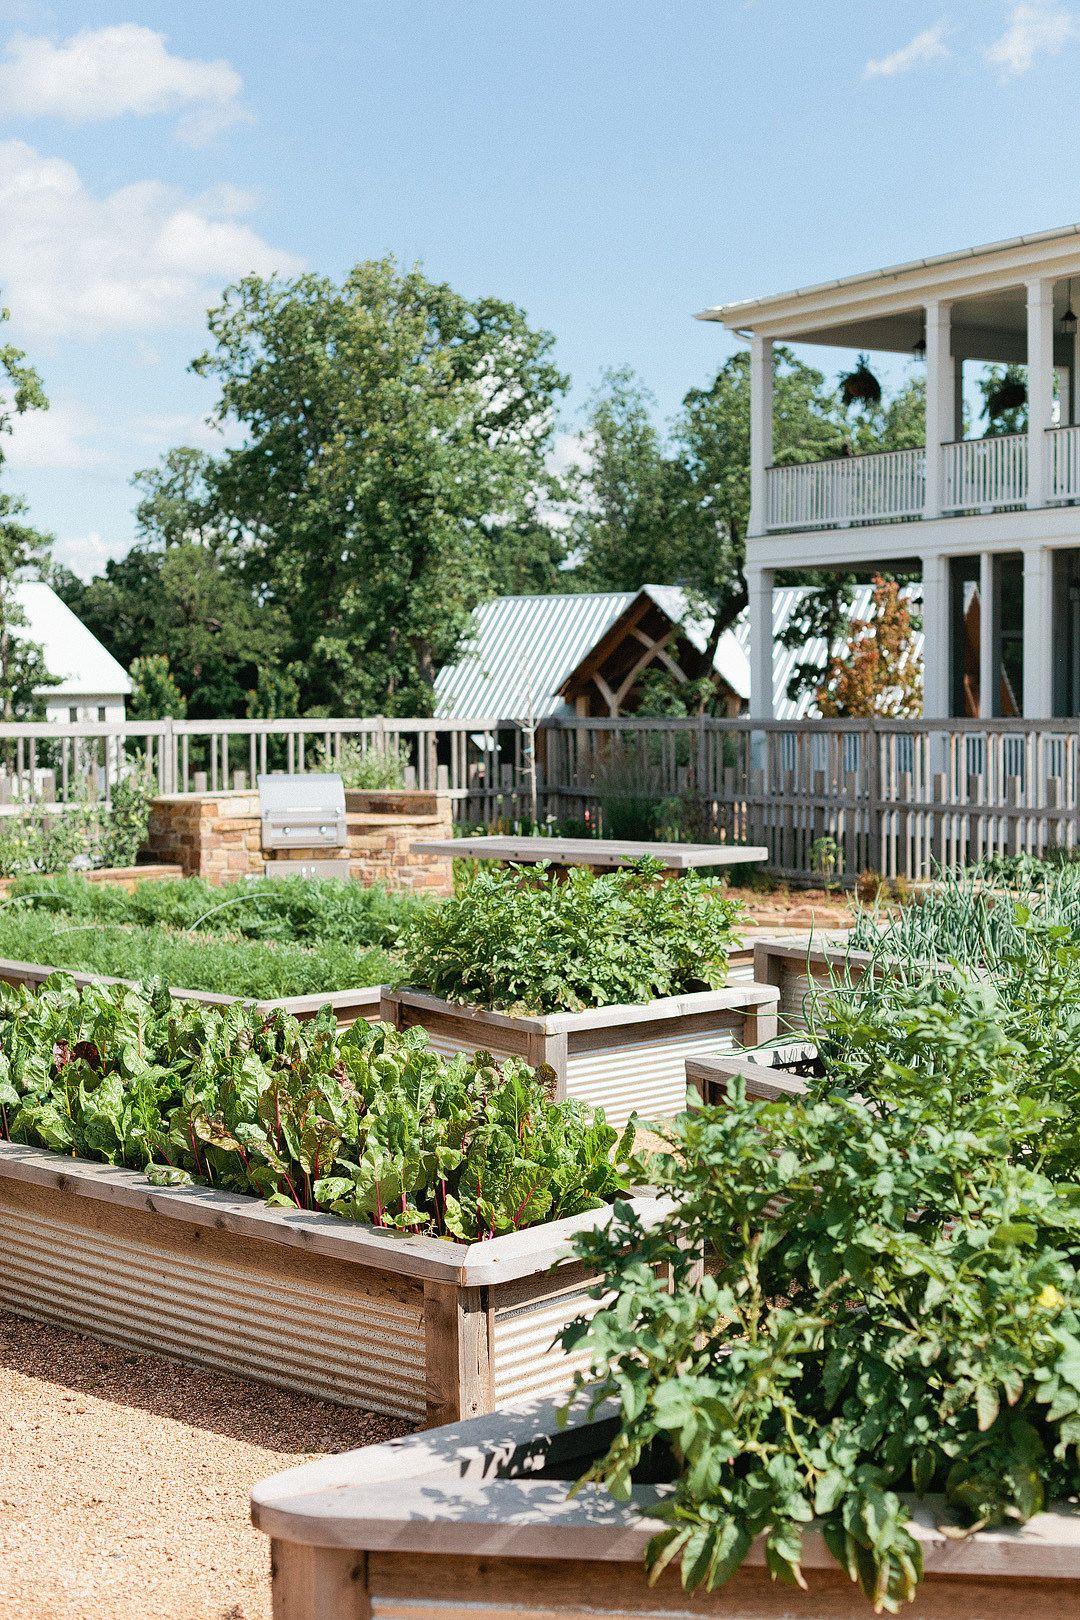 New home garden ideas  Eclectic Farmhouse Tour  Gardens Garden ideas and Vegetable garden